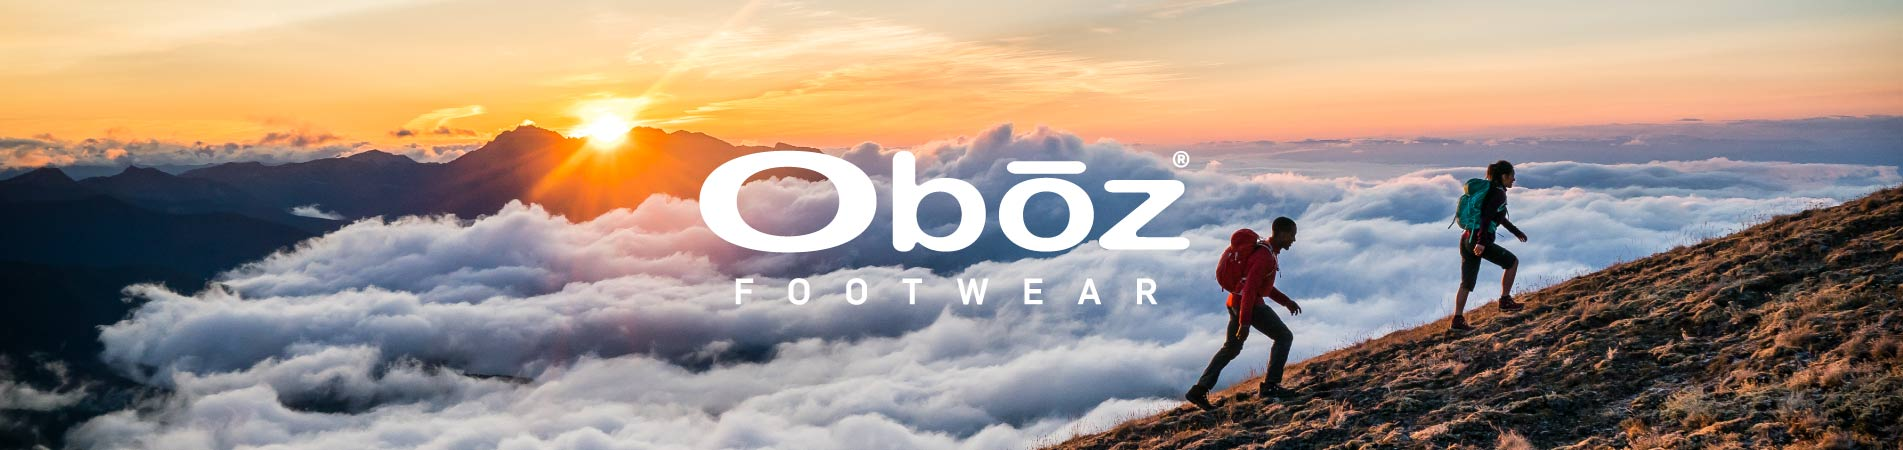 oboz-brand-banner-v1r2.jpg